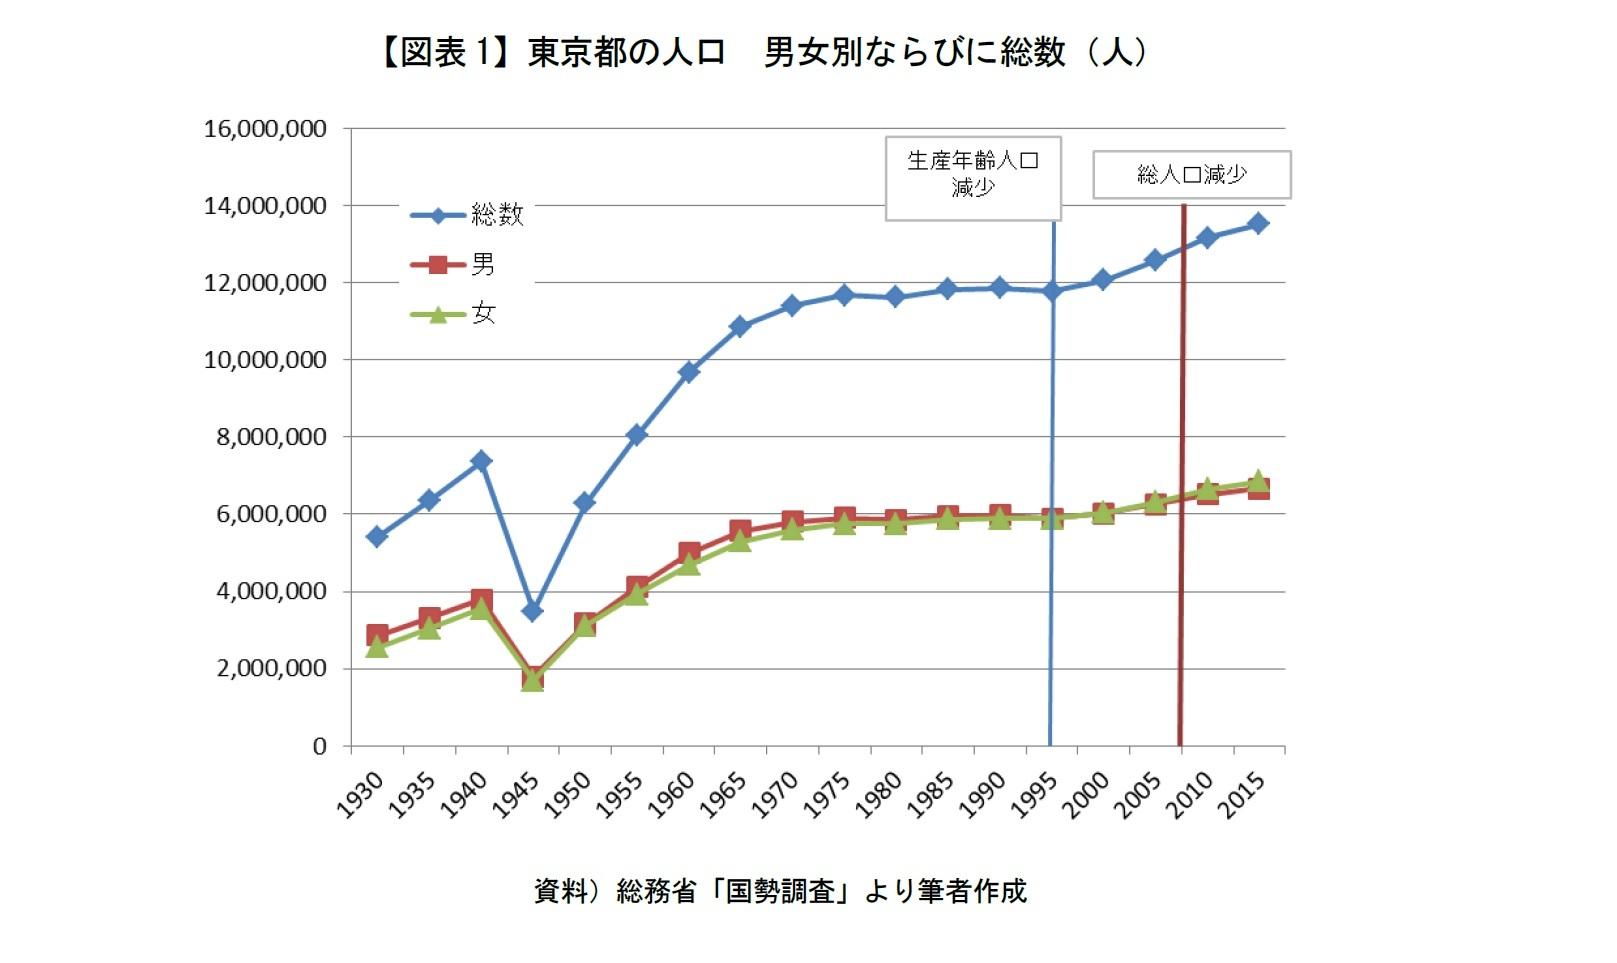 【図表1】東京都の人口 男女別ならびに総数(人)